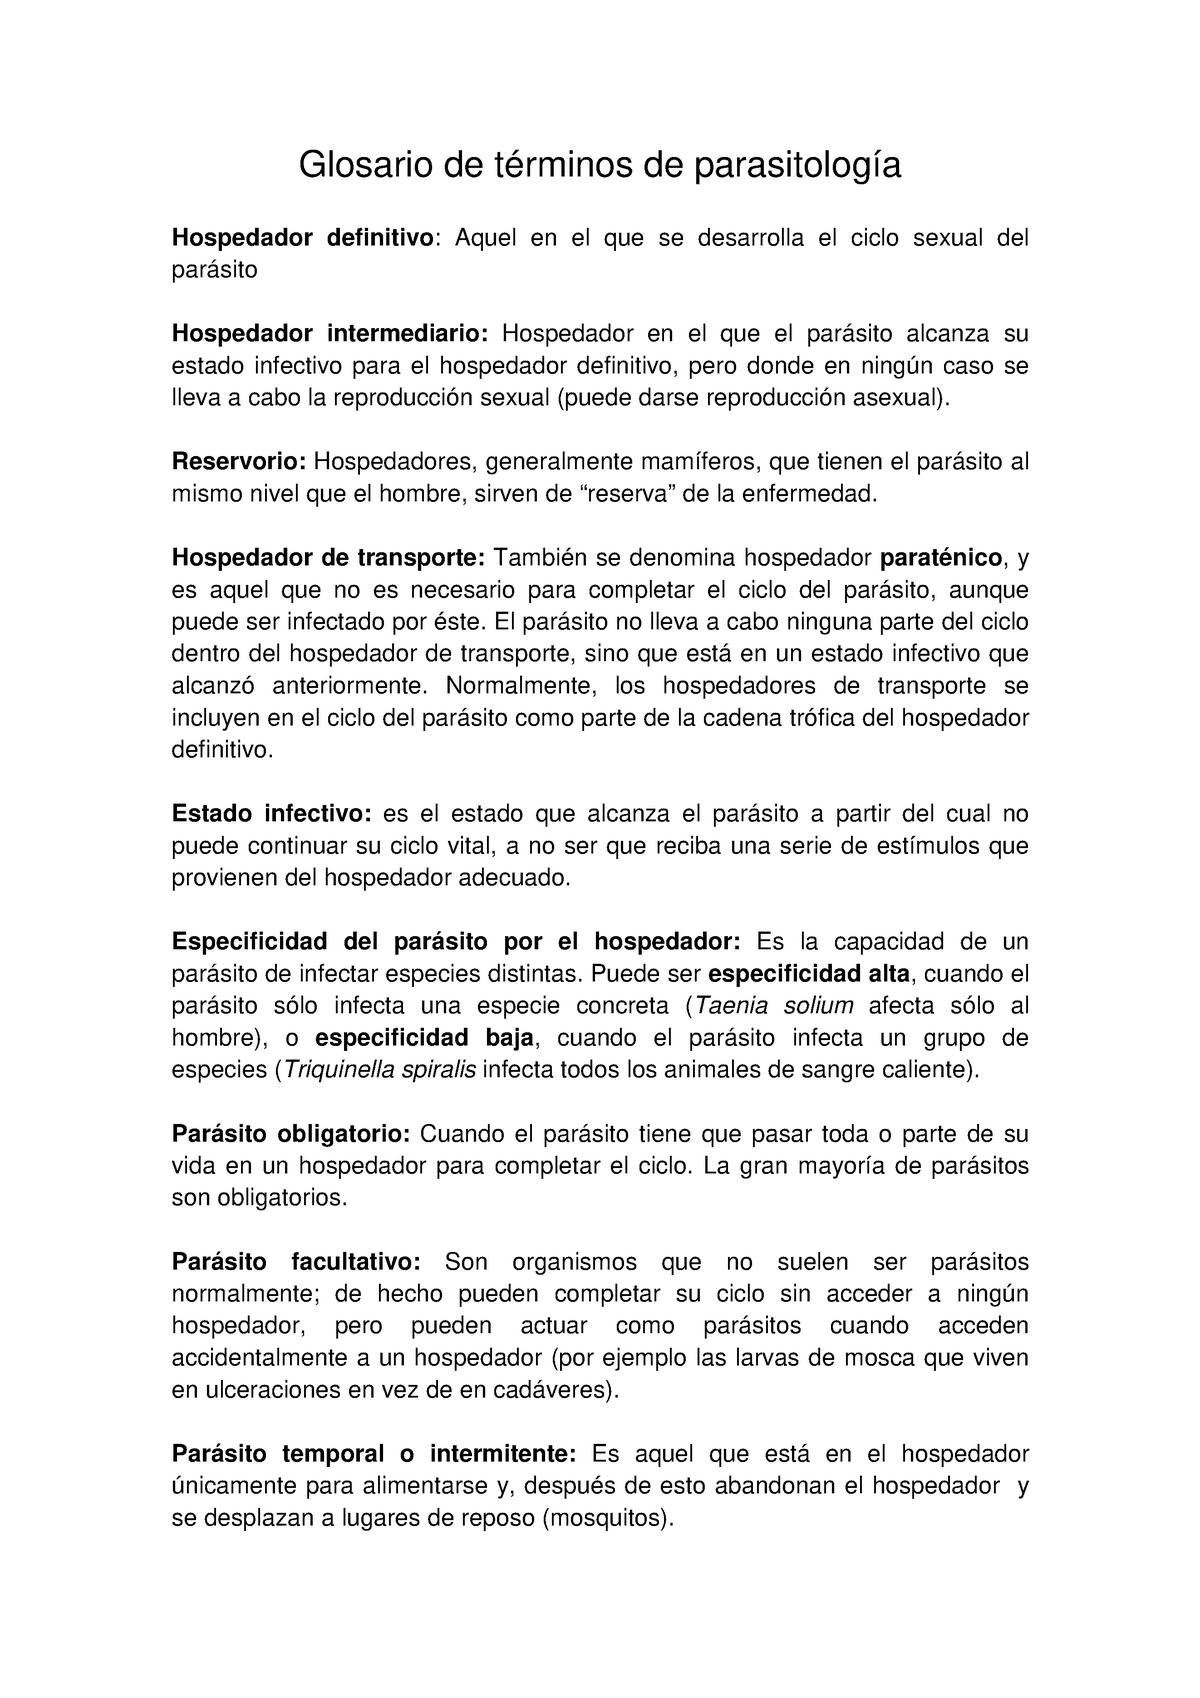 6a4ef55ec72 Glosario parasitología - 1846: Zoología - StuDocu